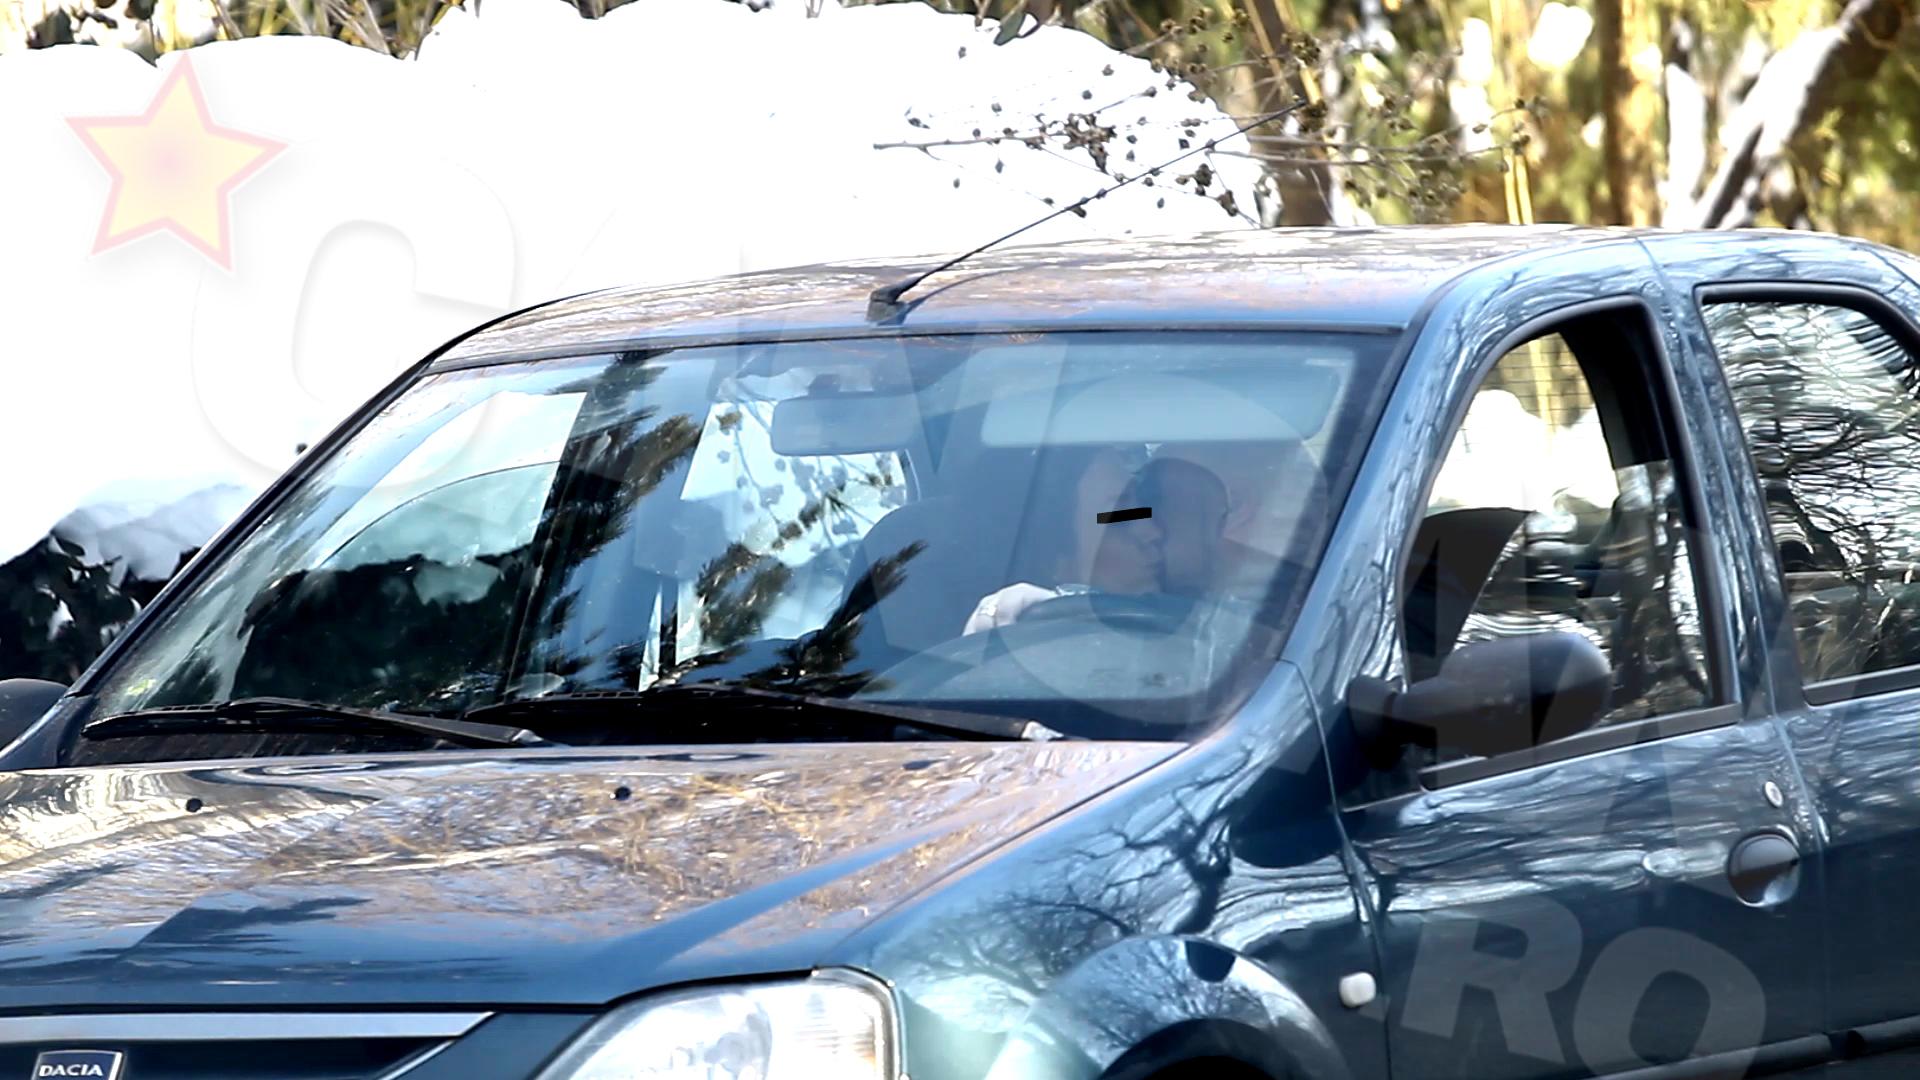 Cei doi au stat in masina pret de 40 de minute, timp in care bruneta a gesticulat nervos